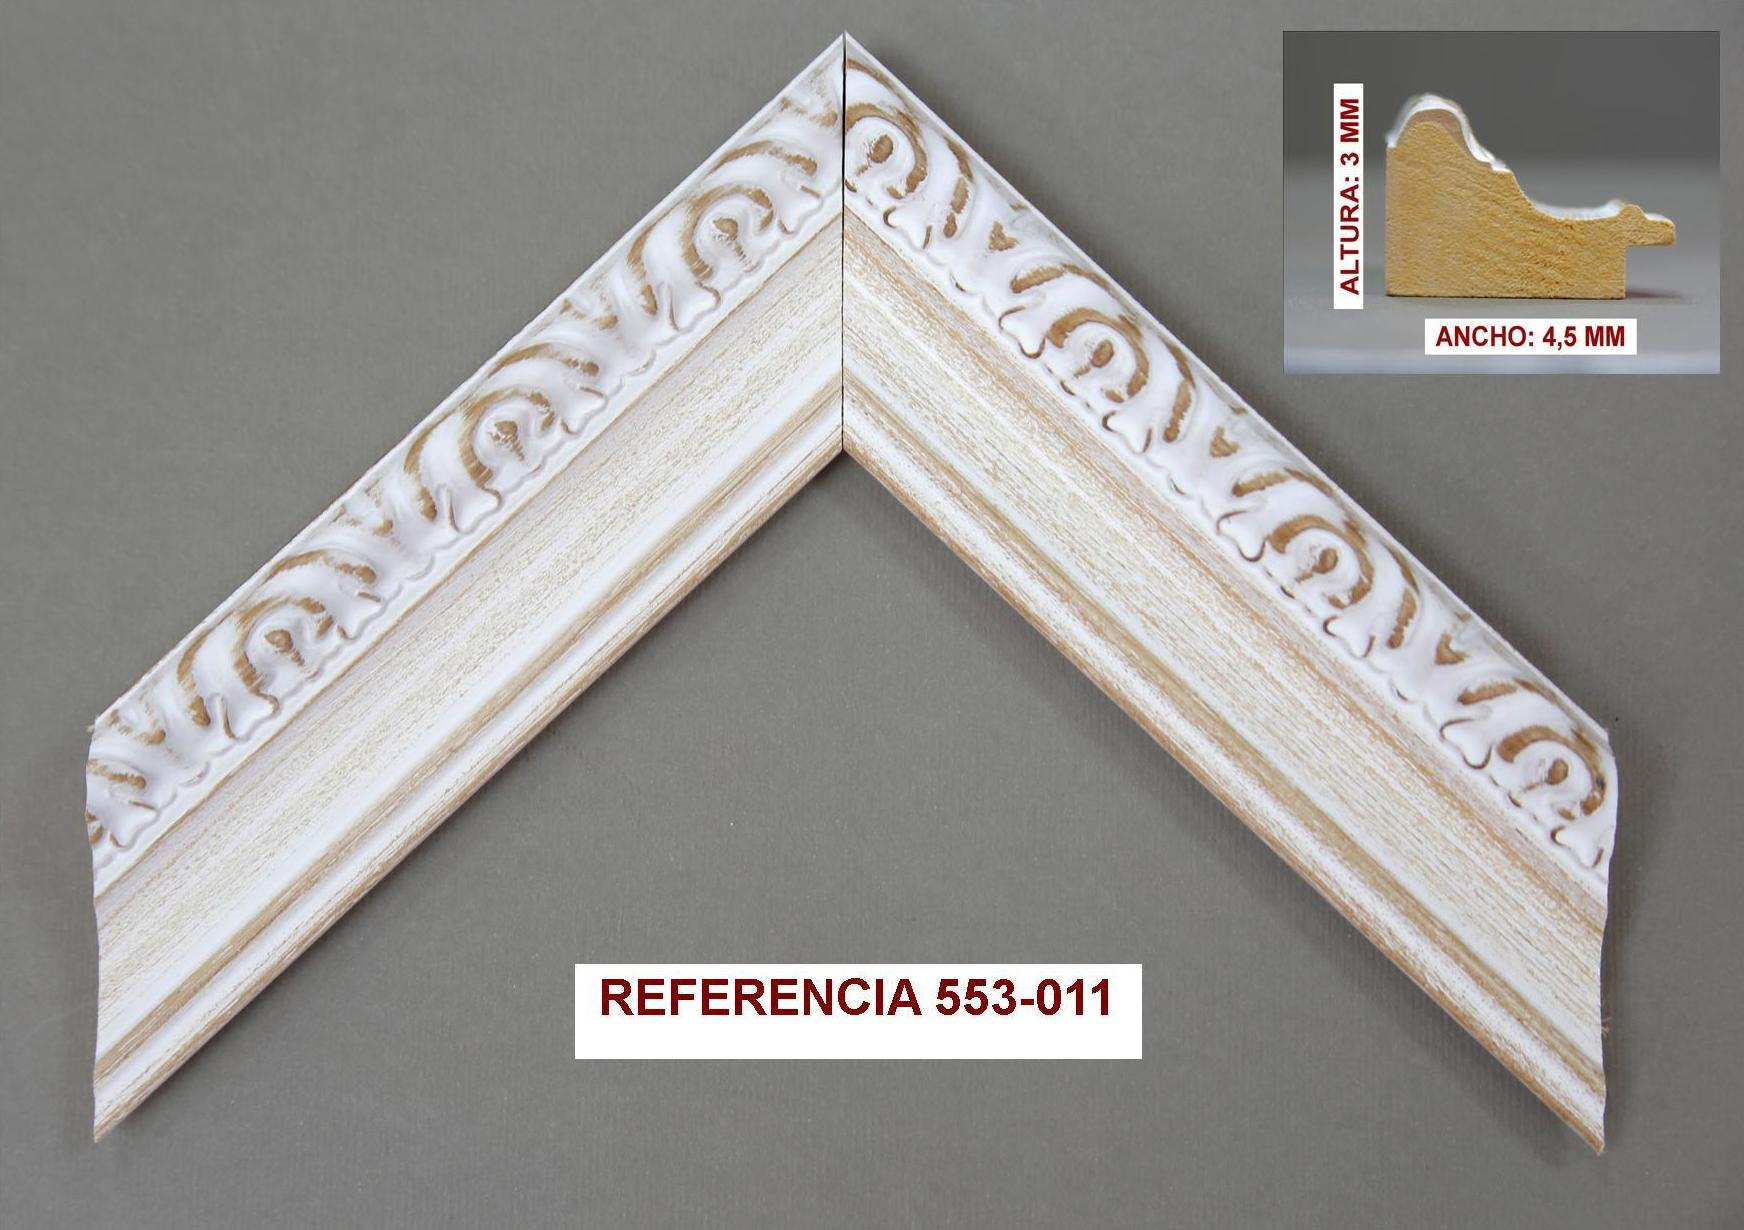 REF 553-011: Muestrario de Moldusevilla